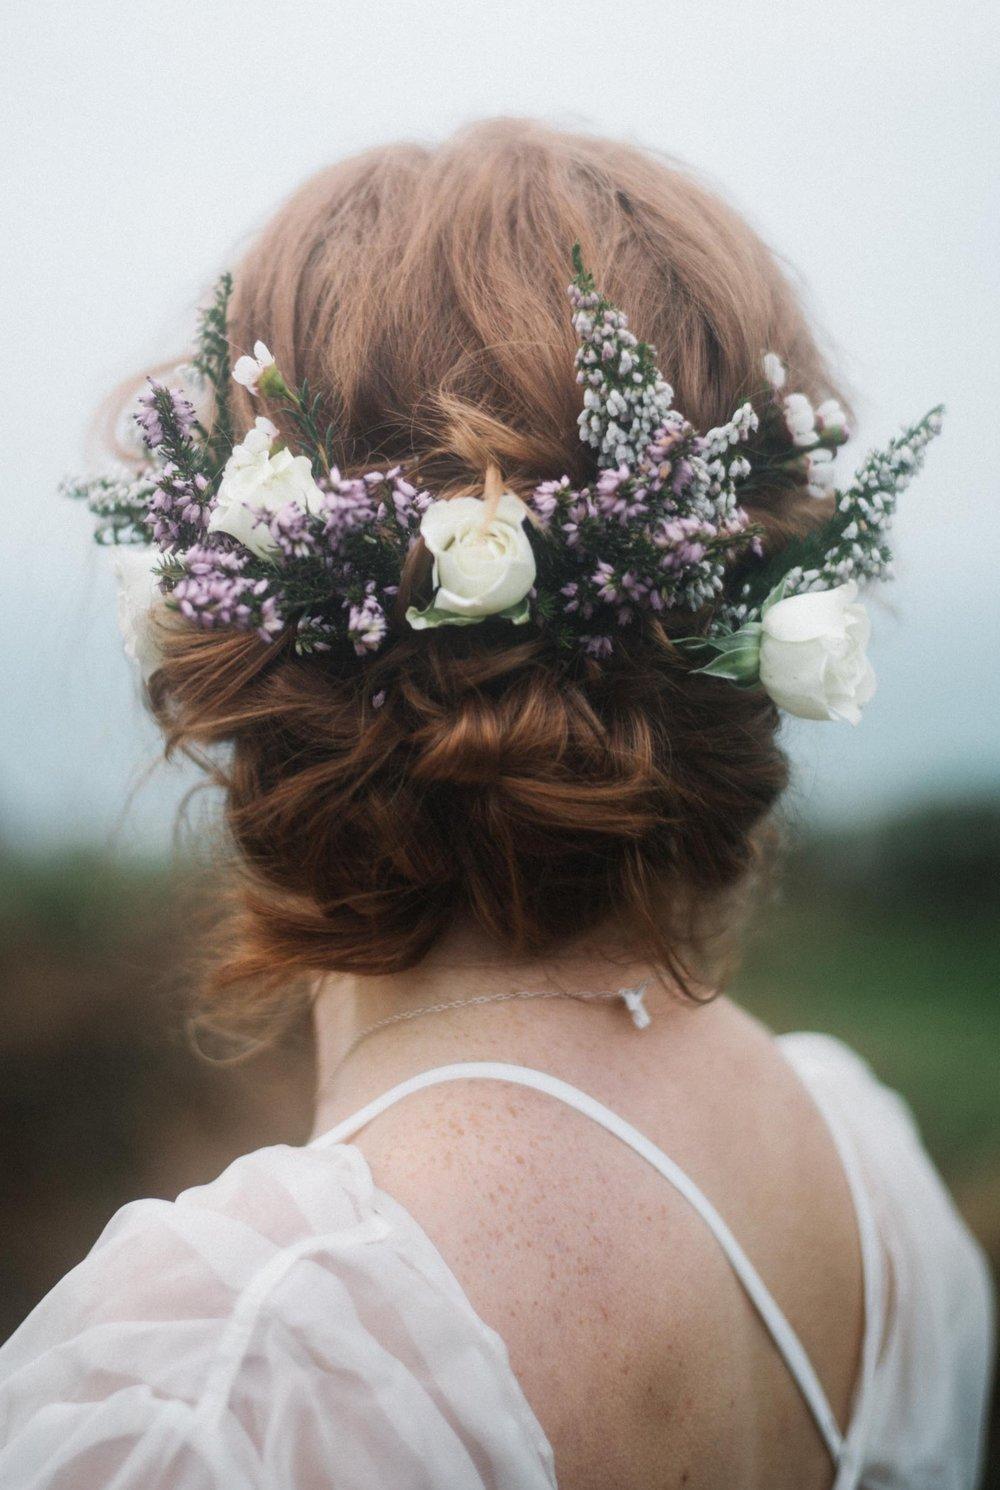 zennor wedding hair